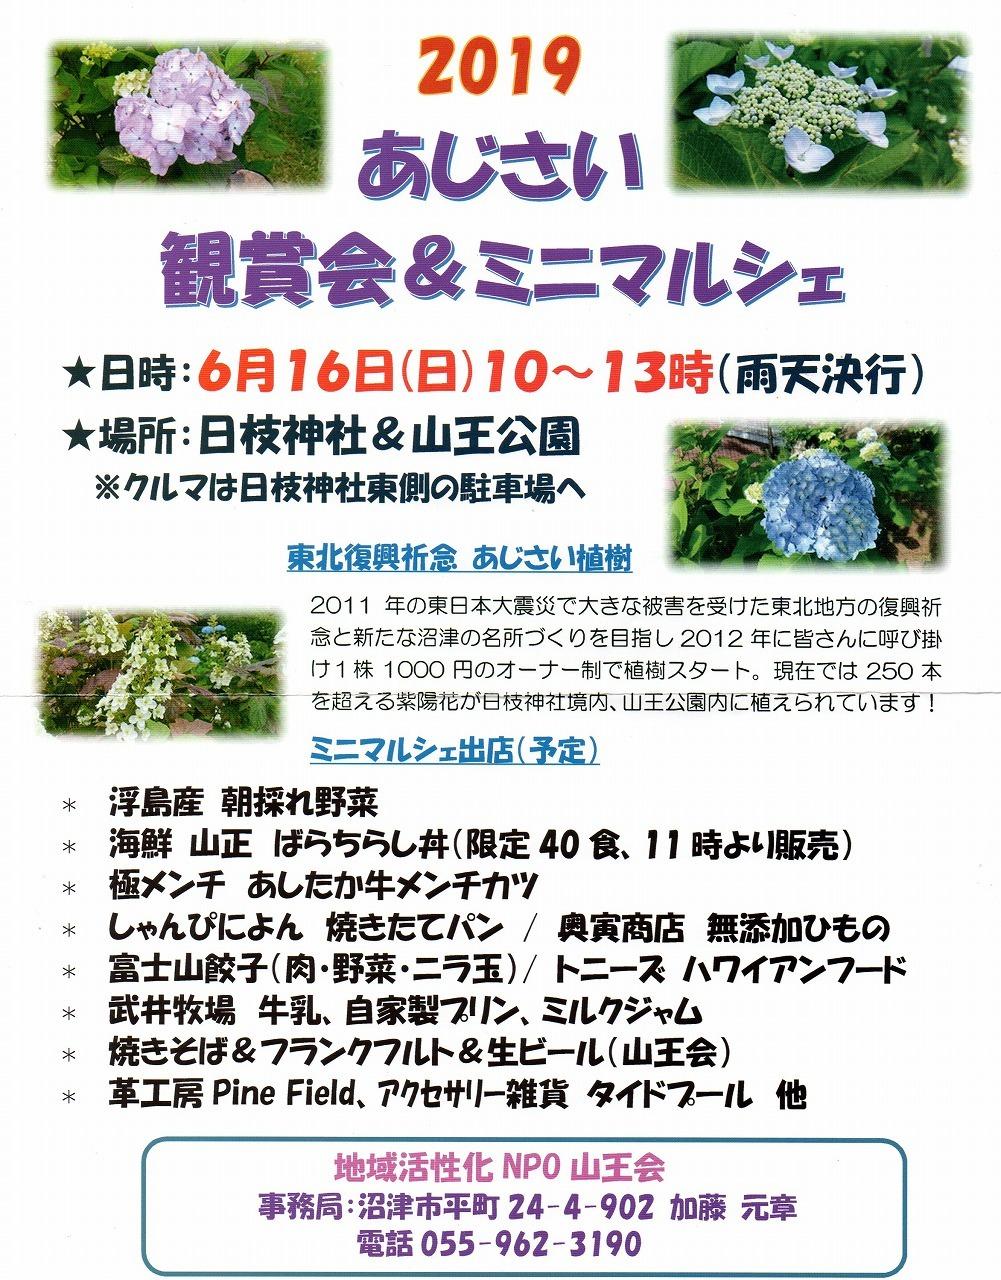 あじさい観賞会&ミニマルシェ!_d0050503_08412633.jpg